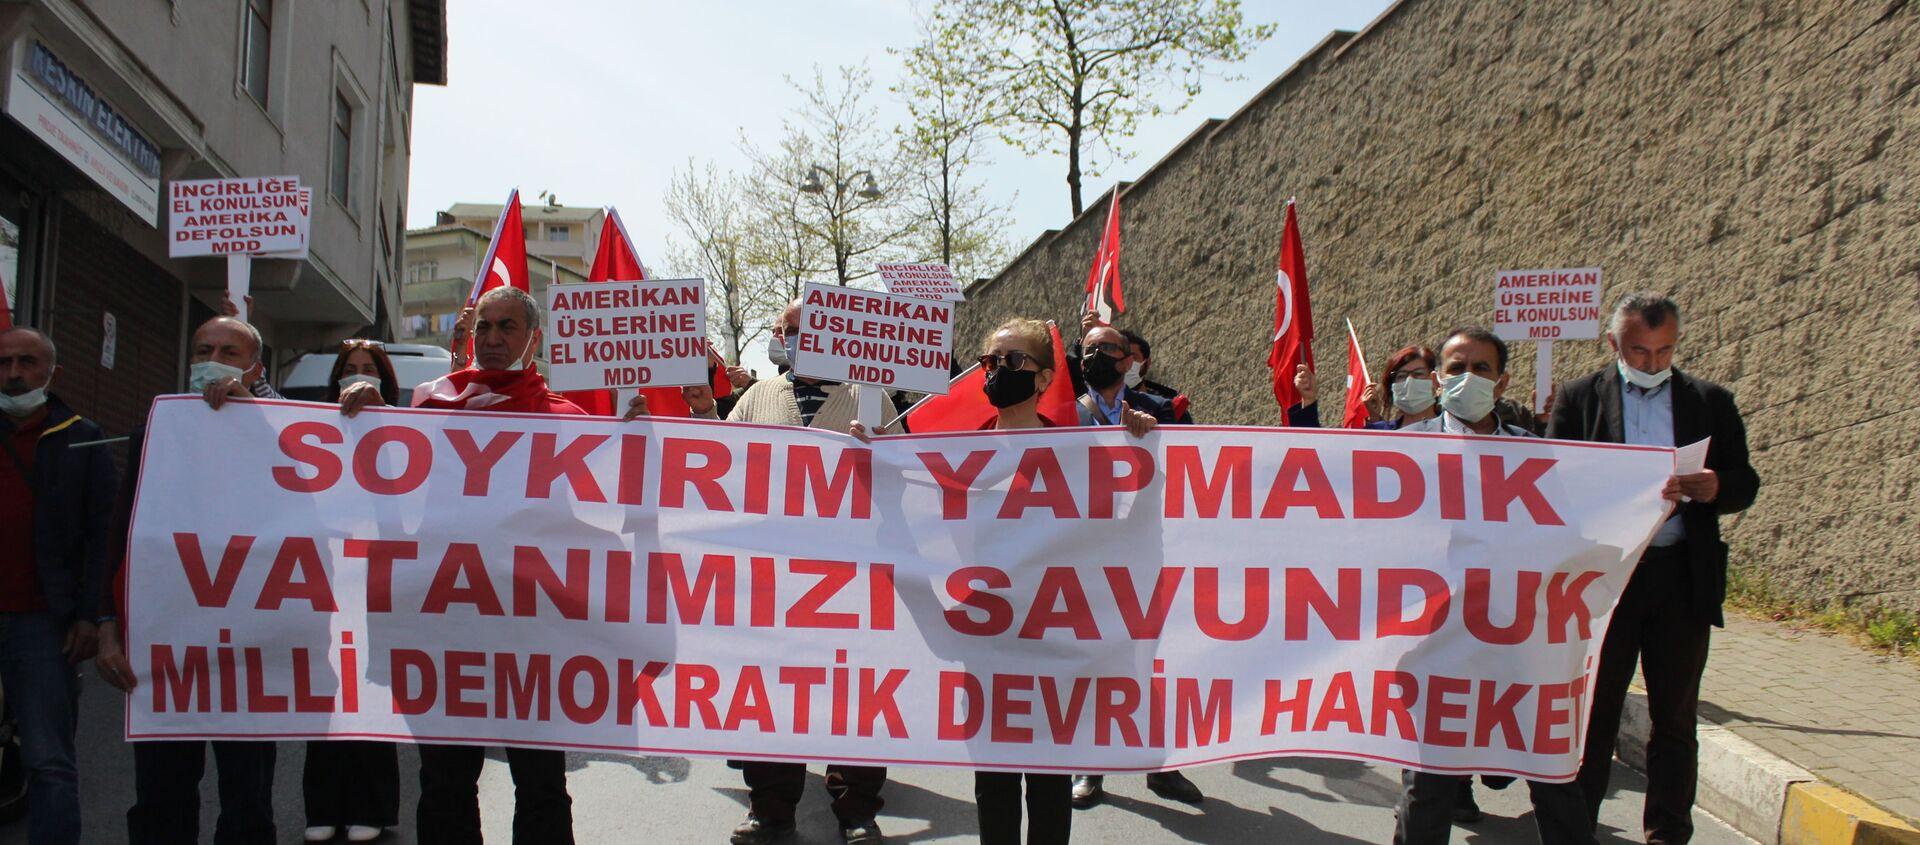 MDD Hareketi, Biden'ın 'soykırım' açıklamasını protesto etti - Sputnik Türkiye, 1920, 27.04.2021